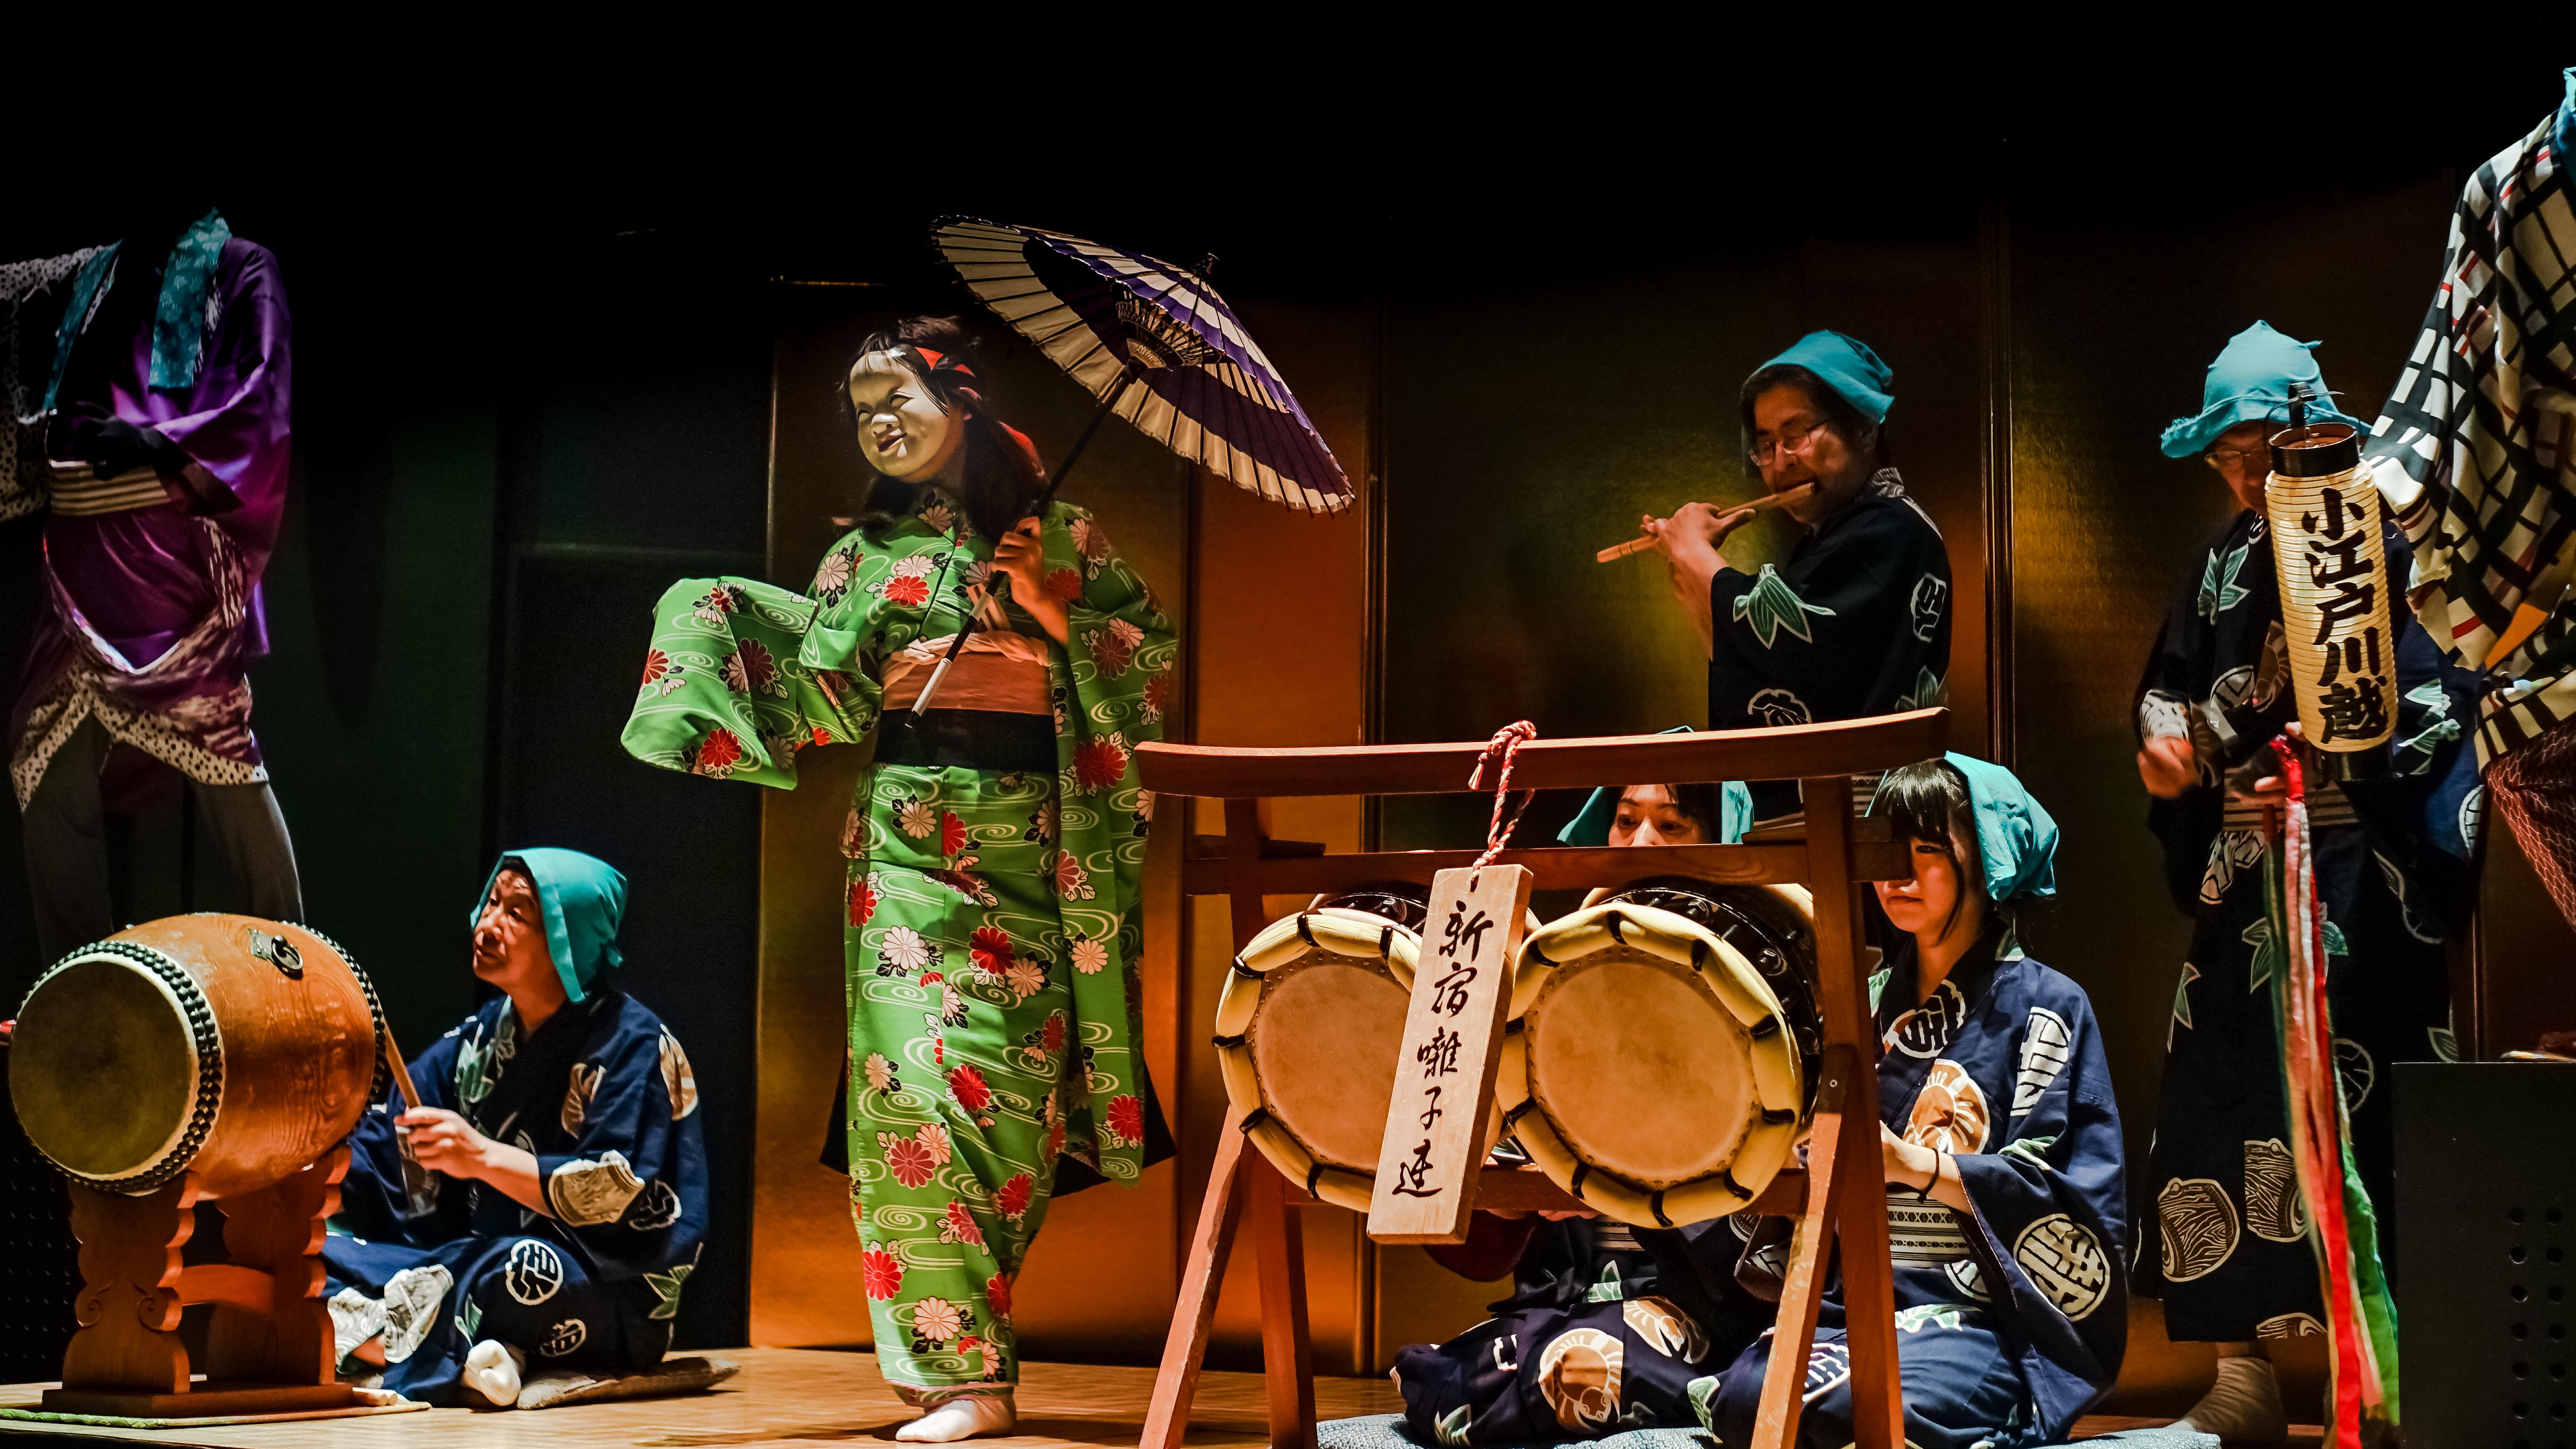 Japanische darstellende Künste